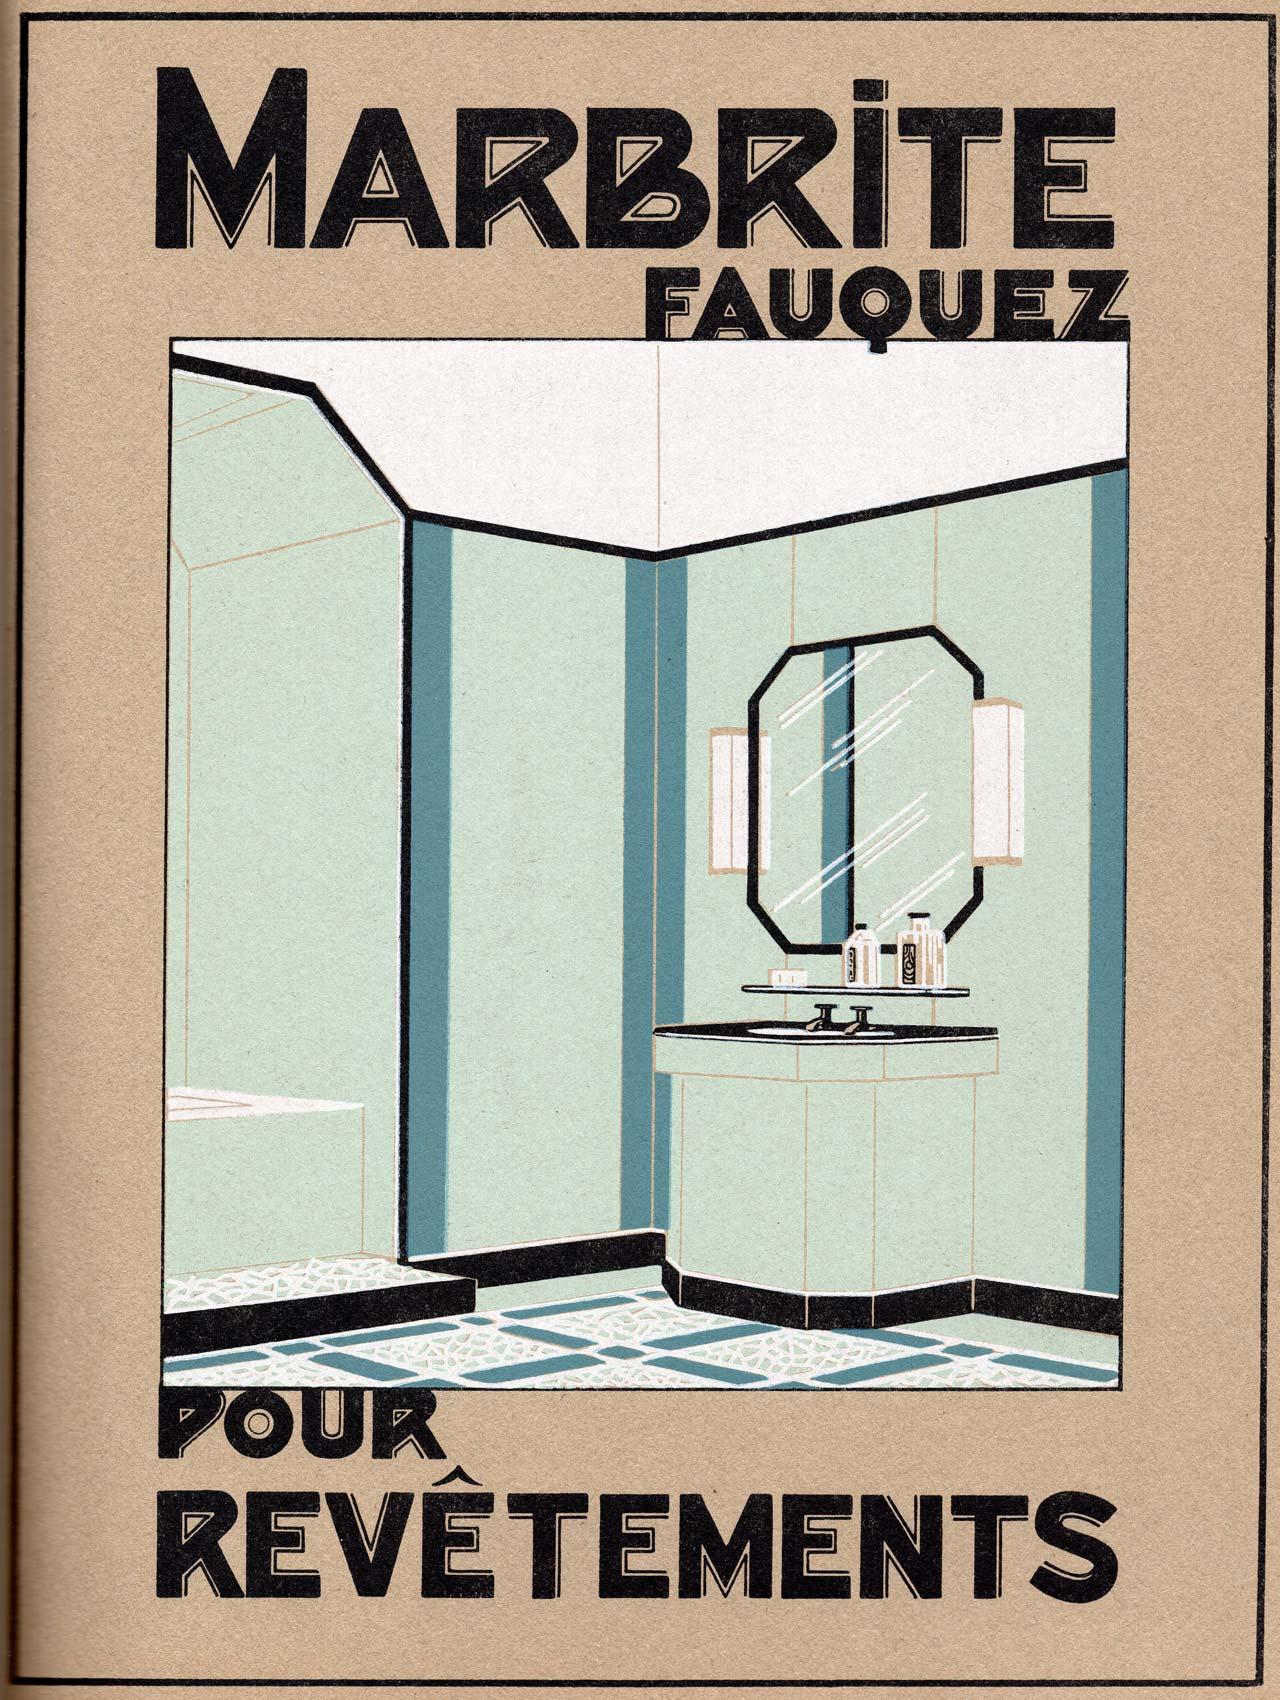 Marbrite Fauquez revêtement